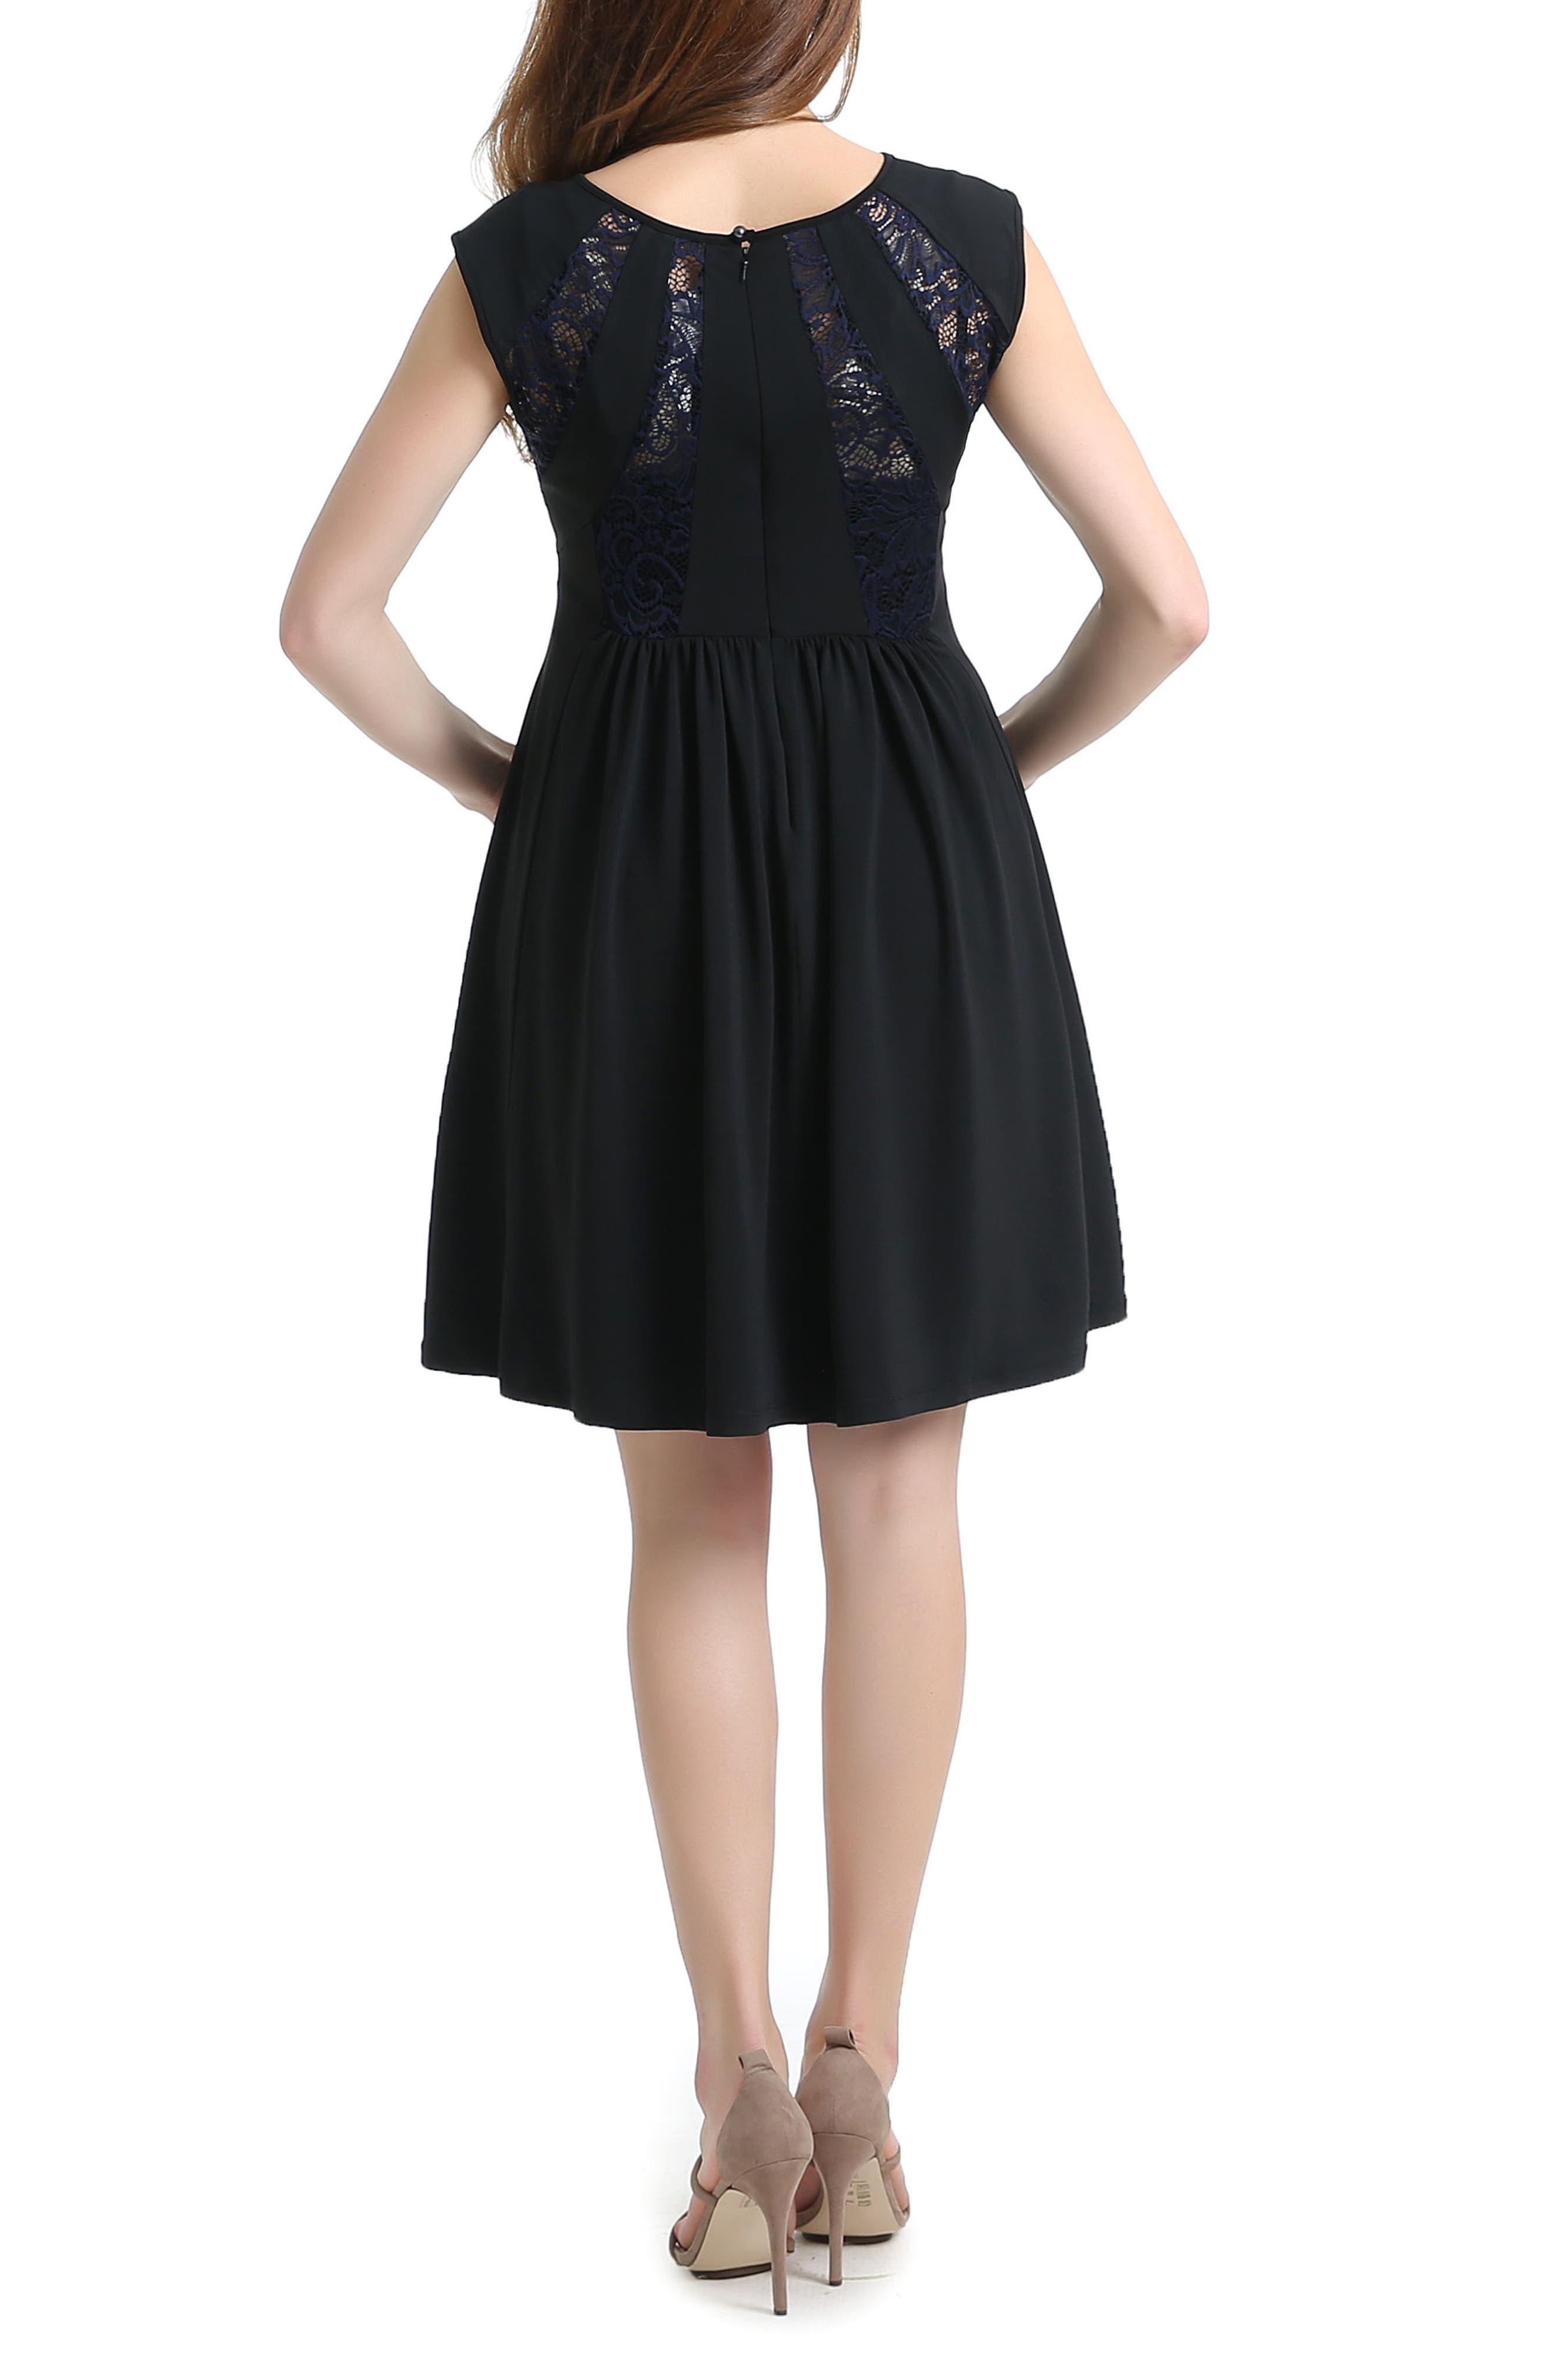 Lara Lace Trim Maternity Dress,                             Alternate thumbnail 2, color,                             001